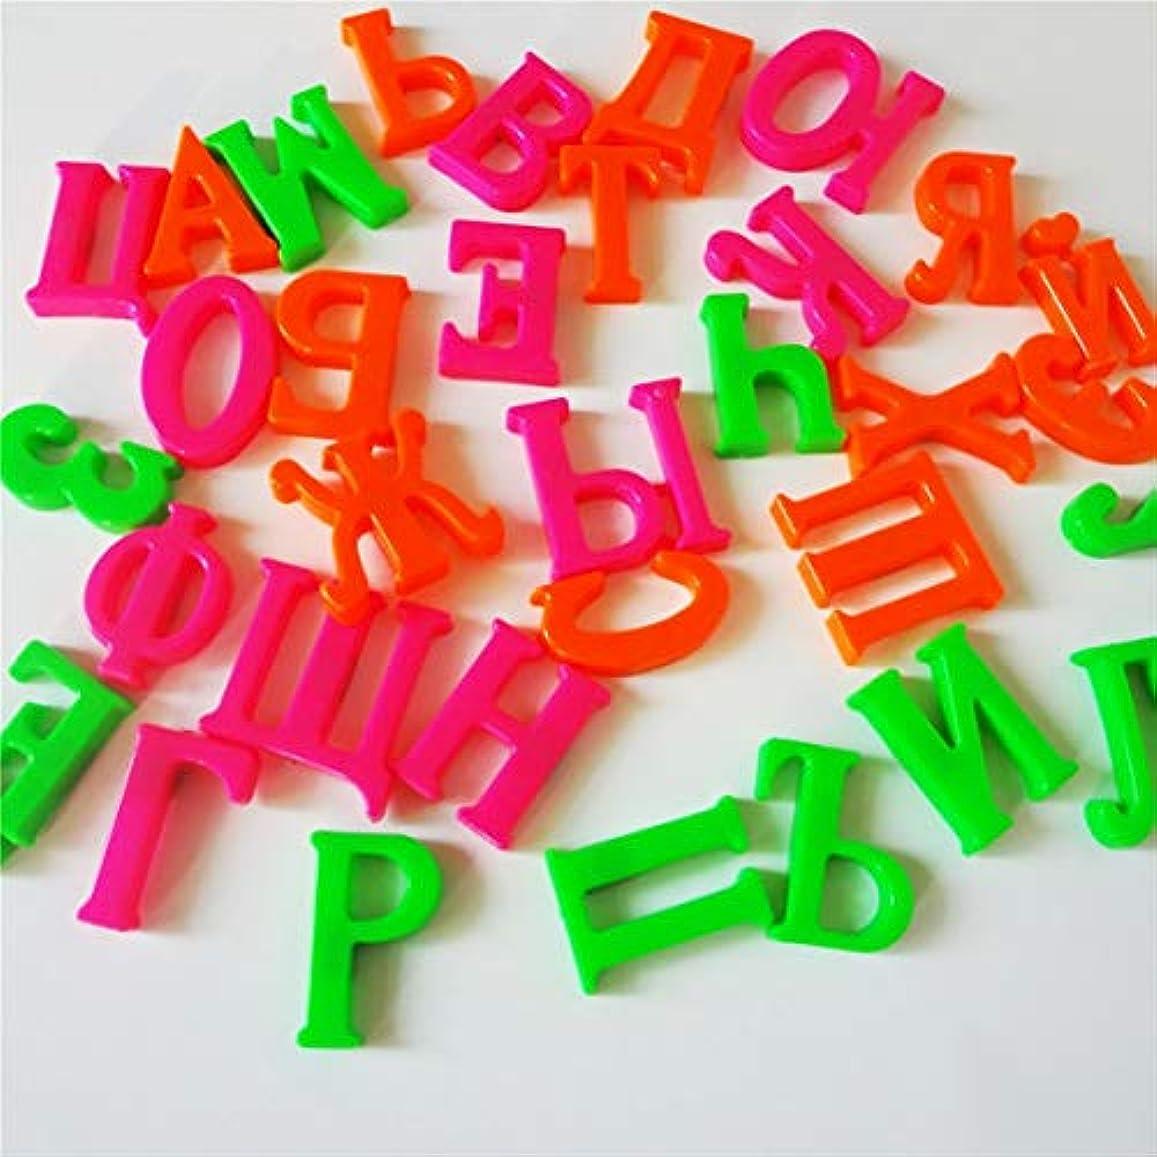 アンデス山脈不可能な尊厳Kongqiabona 33個のロシアのアルファベットの冷蔵庫の磁石赤ちゃん教育学習玩具